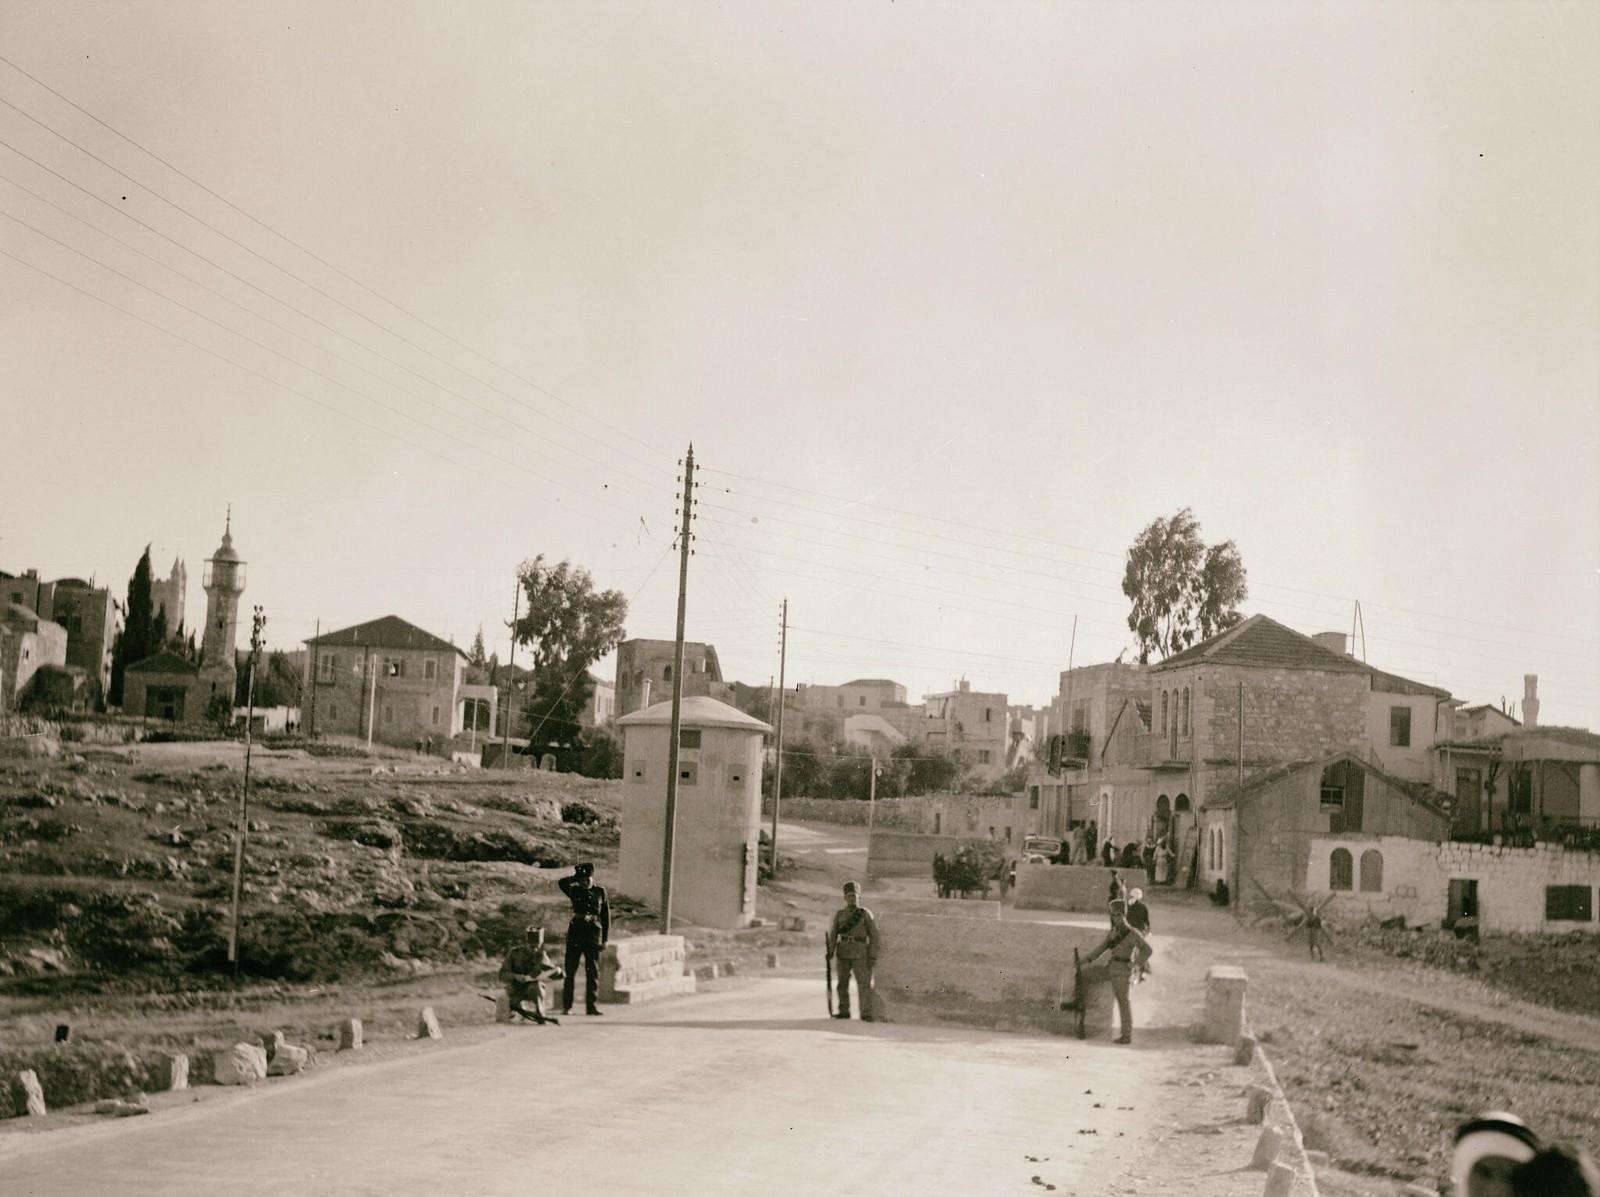 07. 1938. Шхем. Заграждения на шоссе, ведущем в Иерусалим с севера